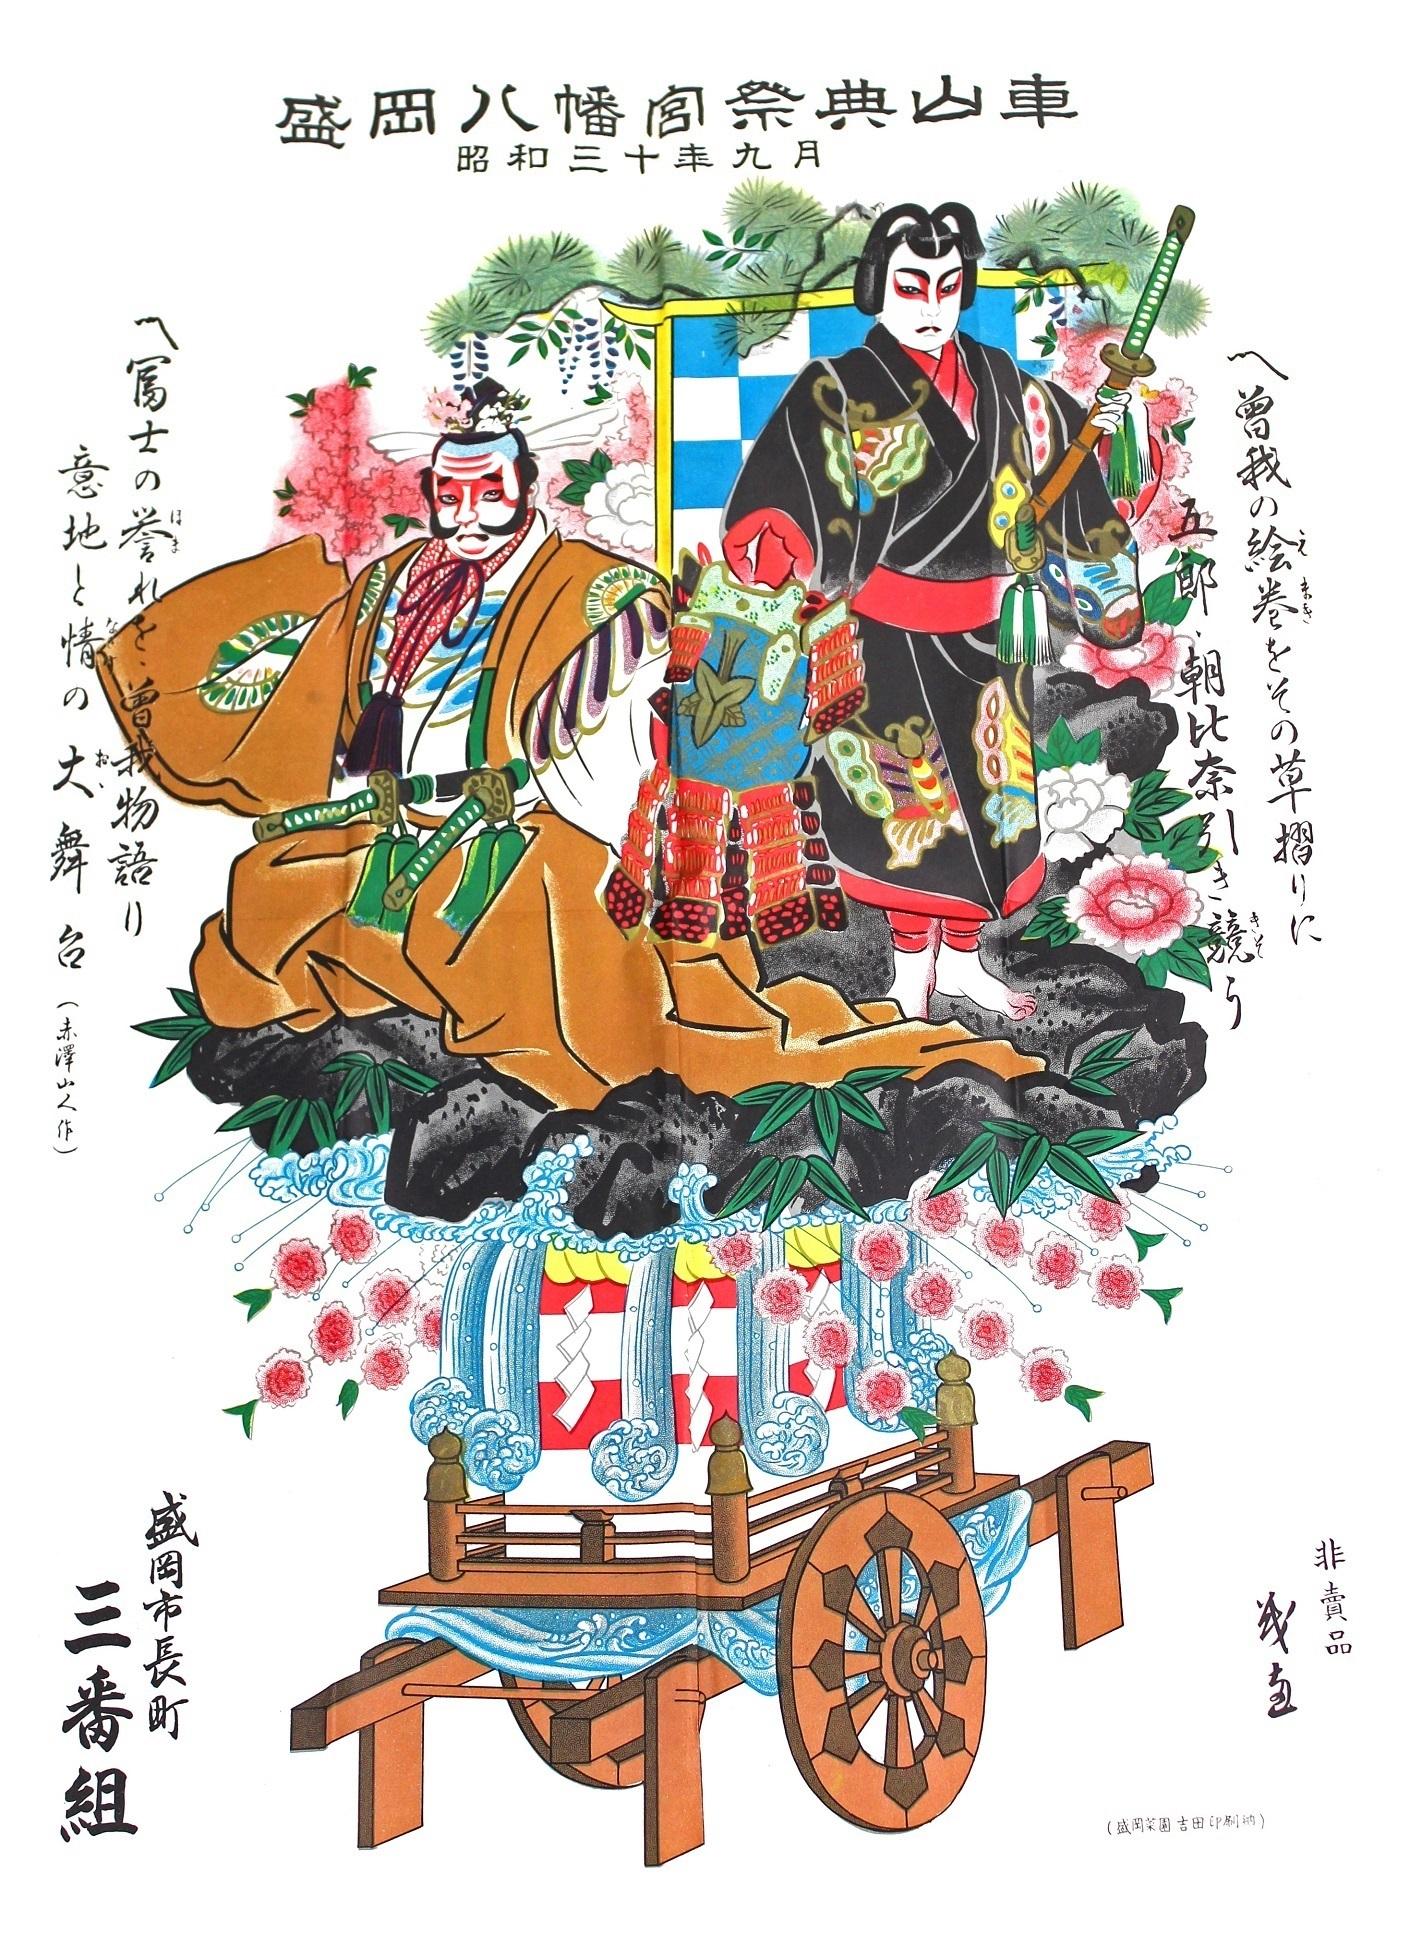 1955sanbangumibandsuke.jpg